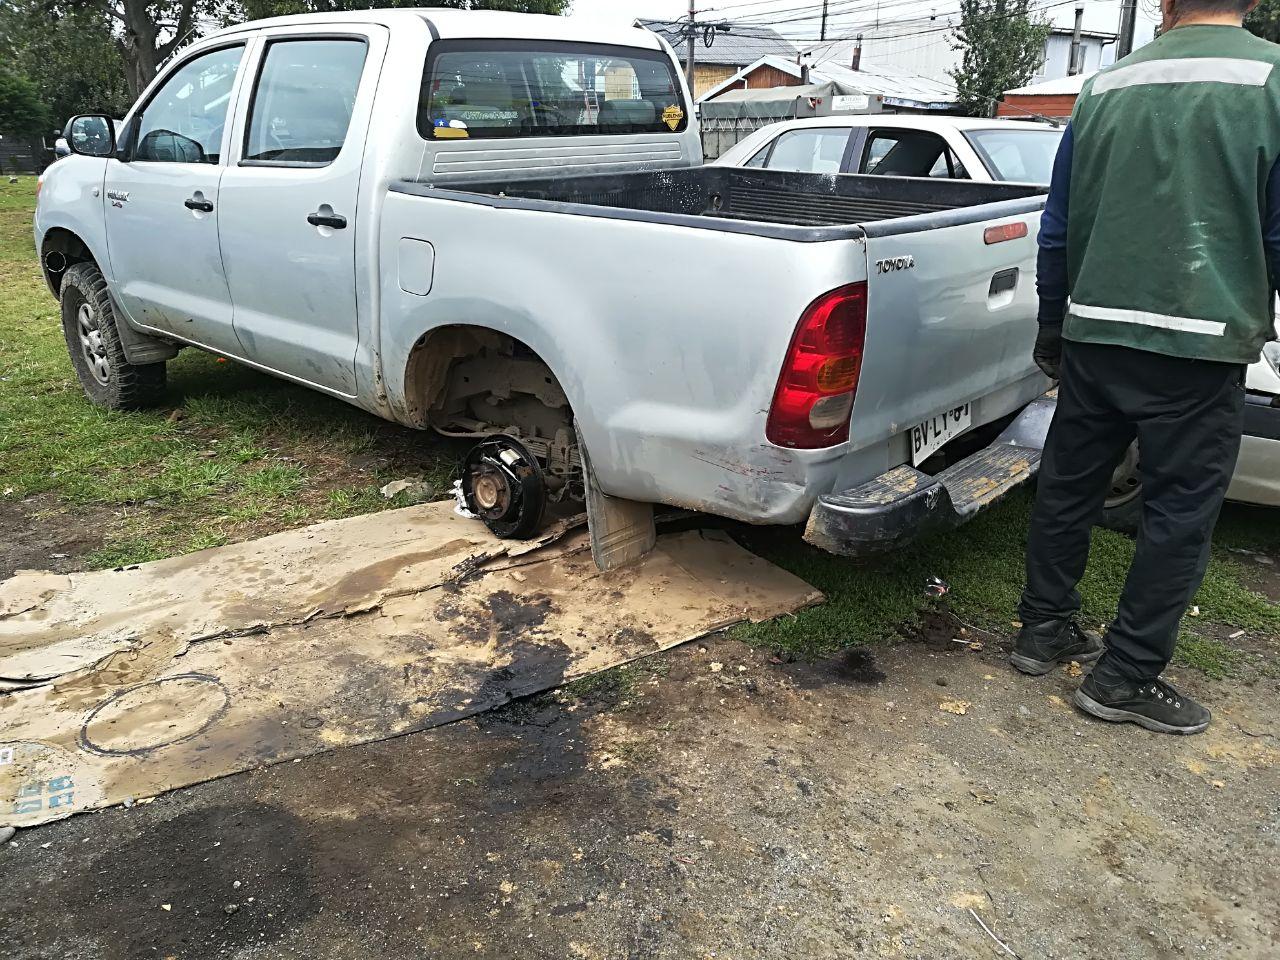 Camioneta que estaba siendo reparada.